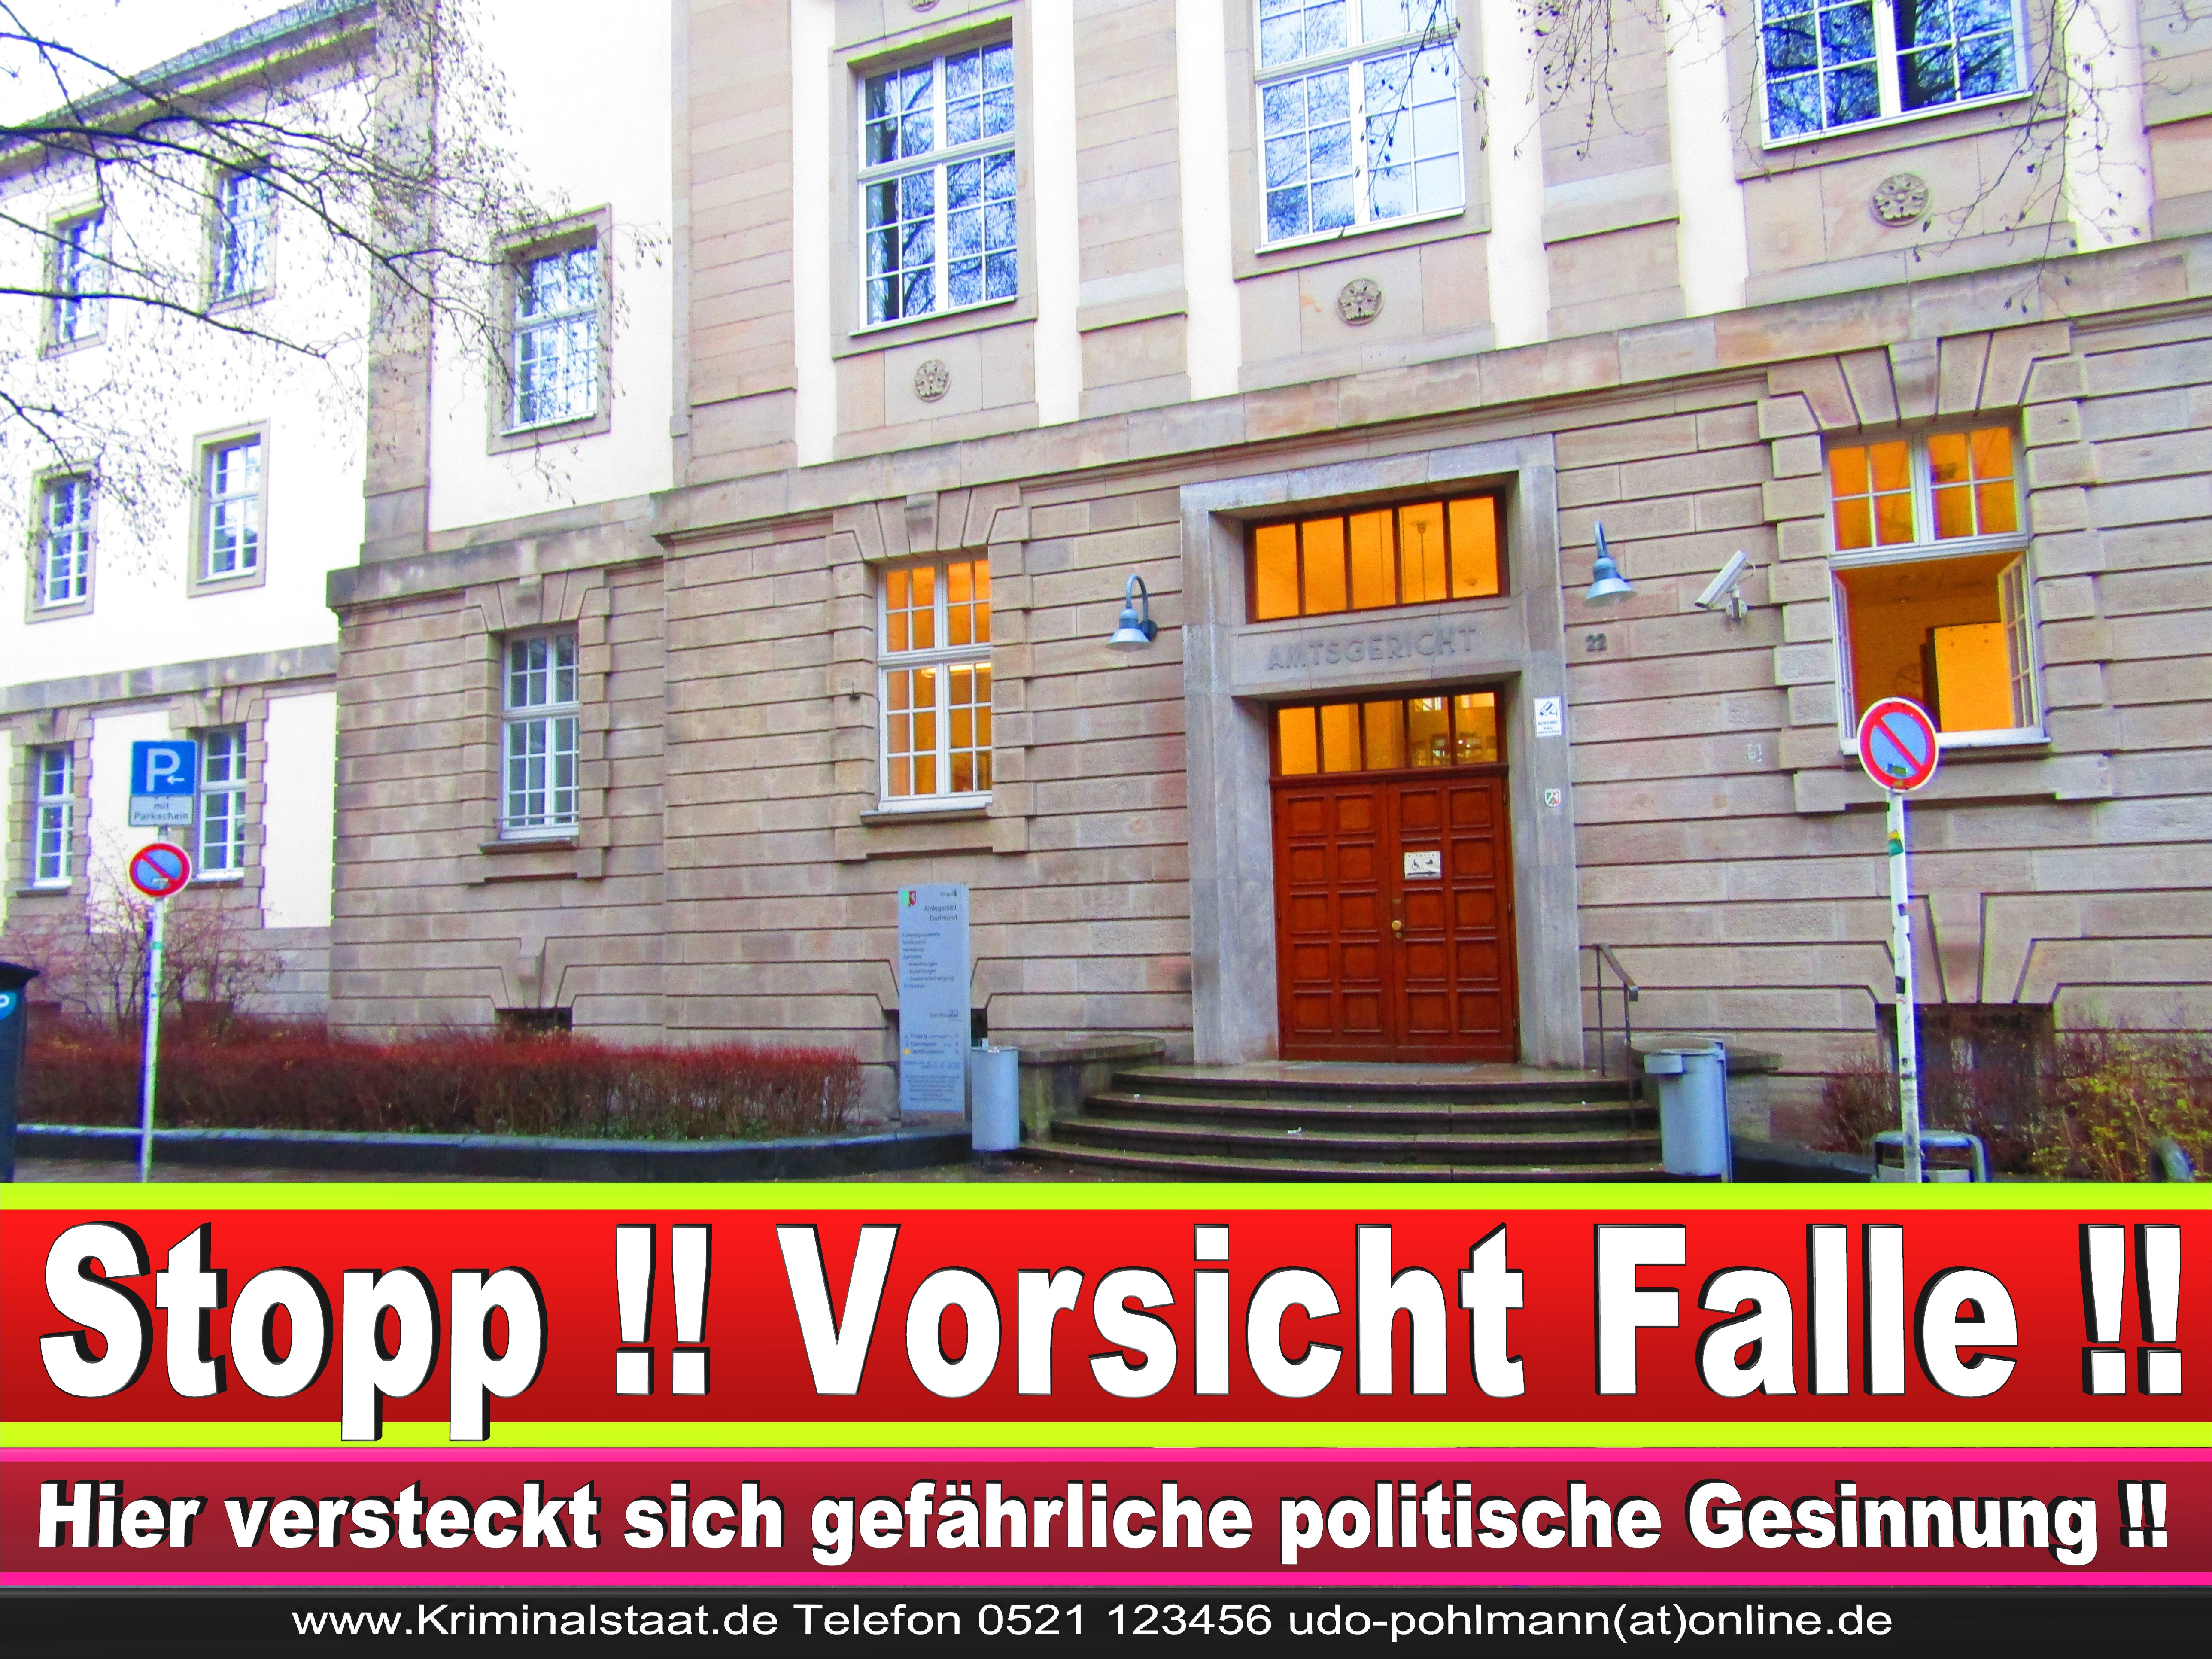 AMTSGERICHT DORTMUND RICHTER AUSBILDUNG PRAKTIKUM ANFAHRT URTEILE KORRUPTION POLIZEI ADRESSE DIREKTOR (8) 1 1